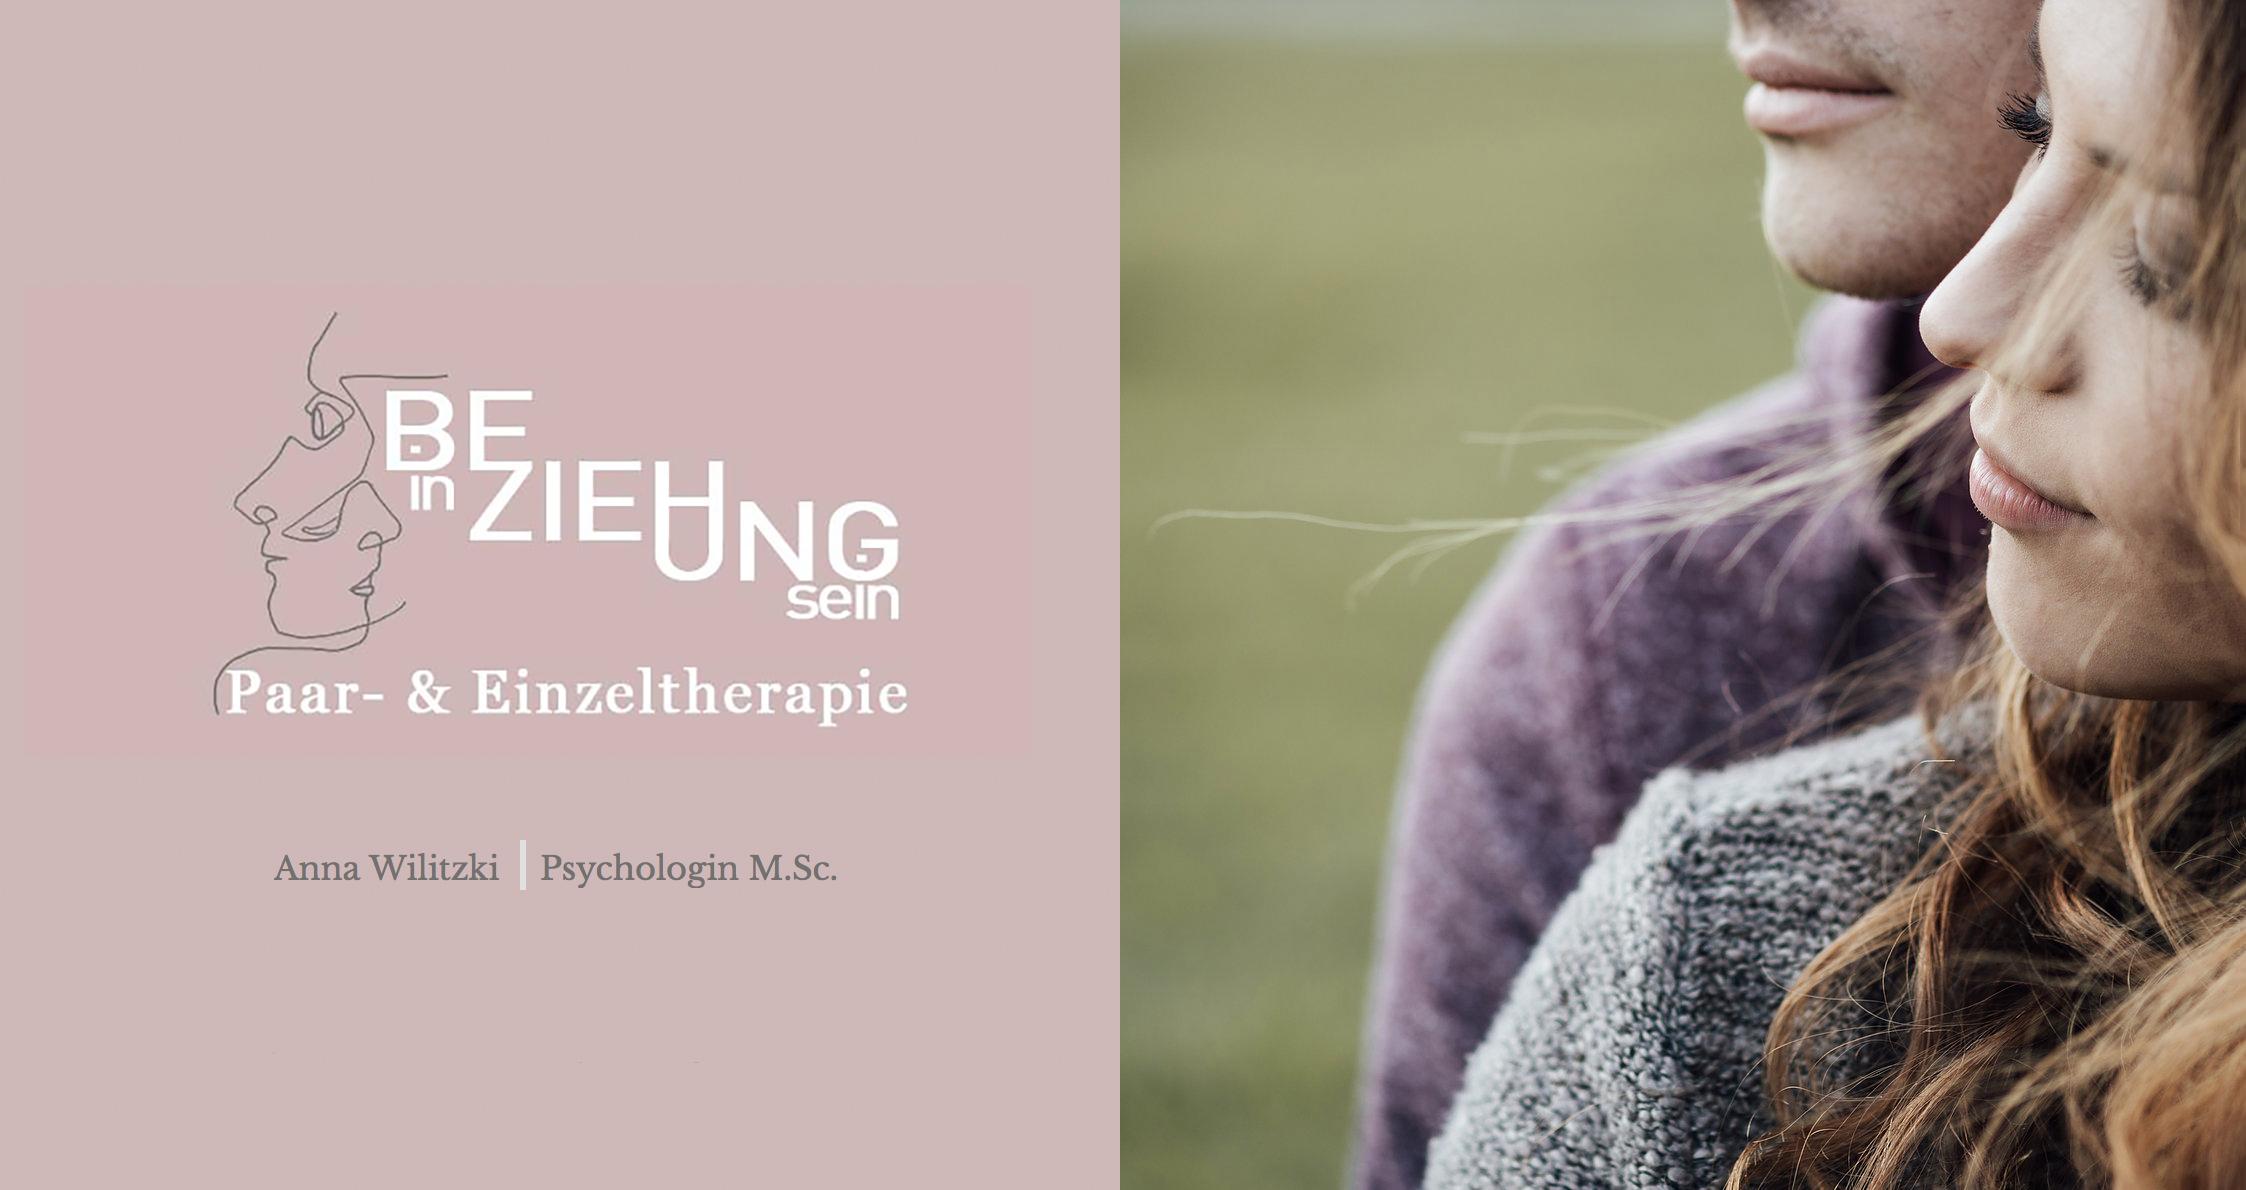 Wilitzki, Anna - Einzel-und Paartherapie Berlin